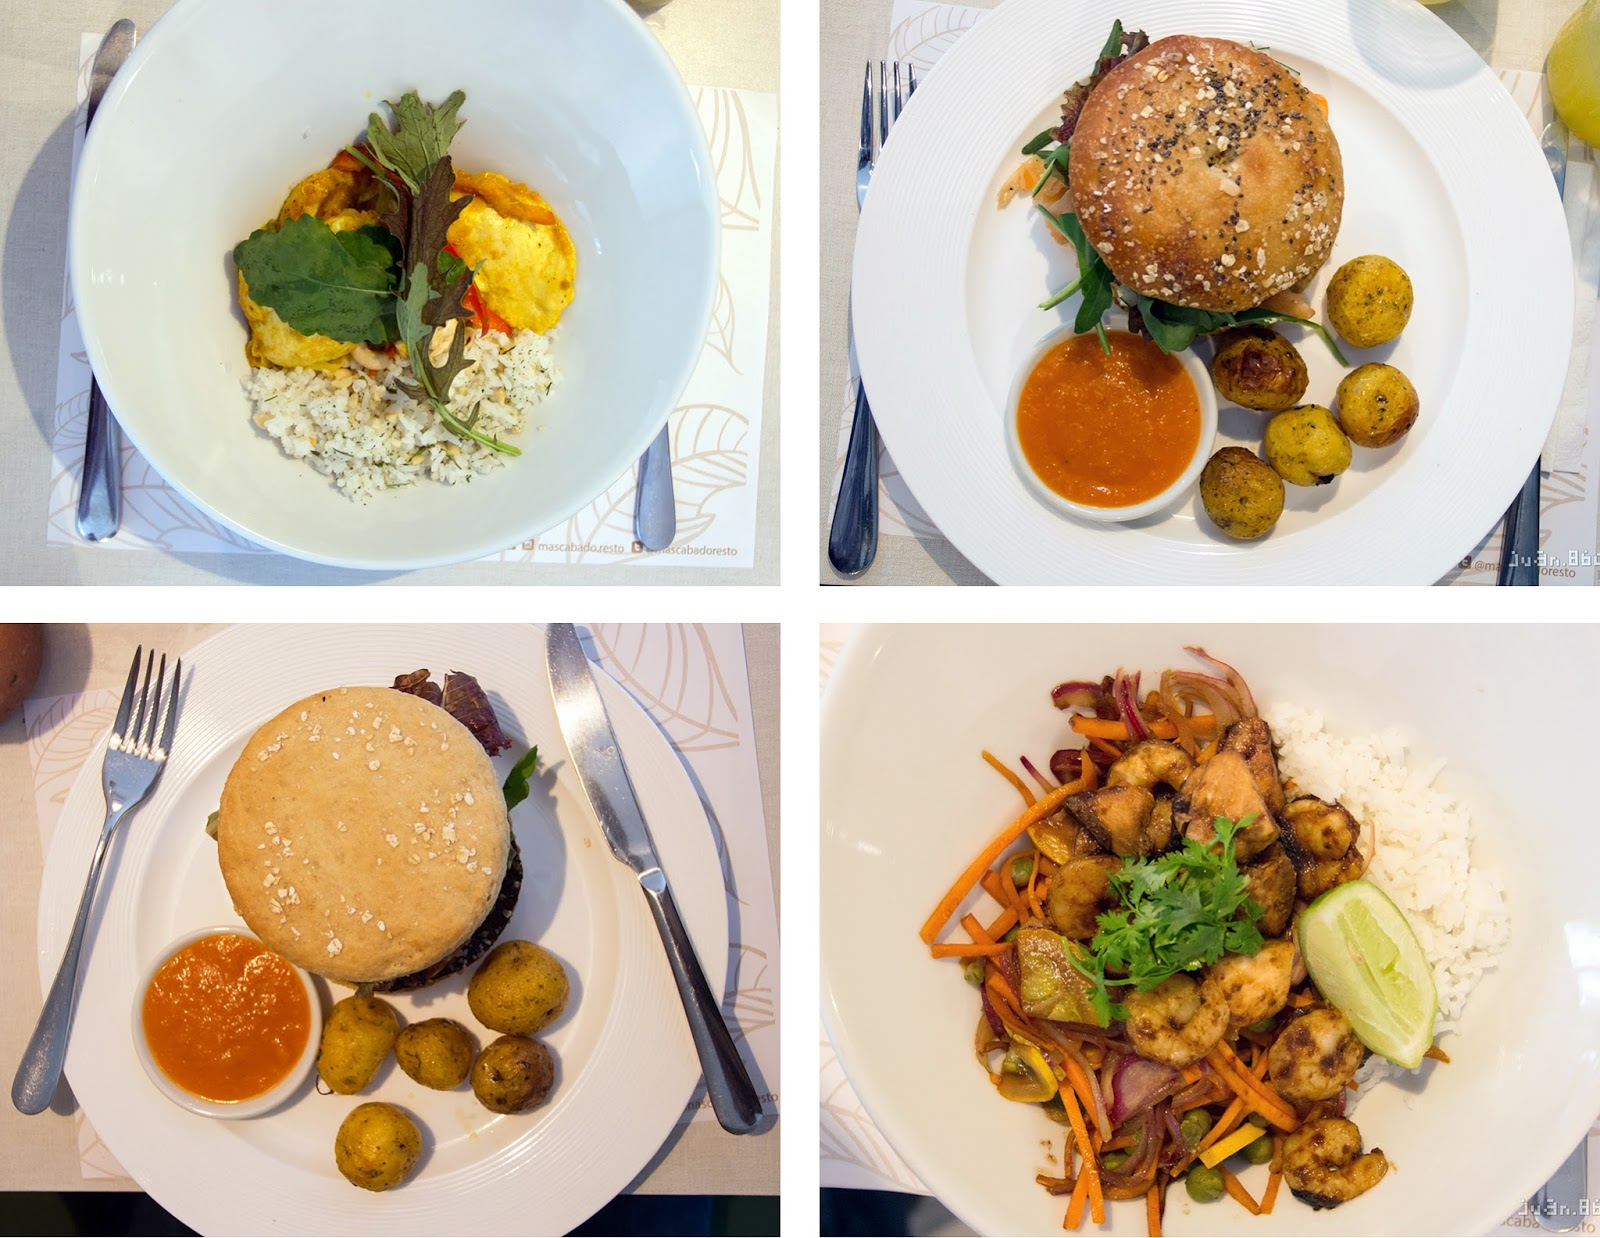 mascabado, restaurante granada, cocina artesanal, cali colombia, casa de te, comida fusión, restaurante saludable